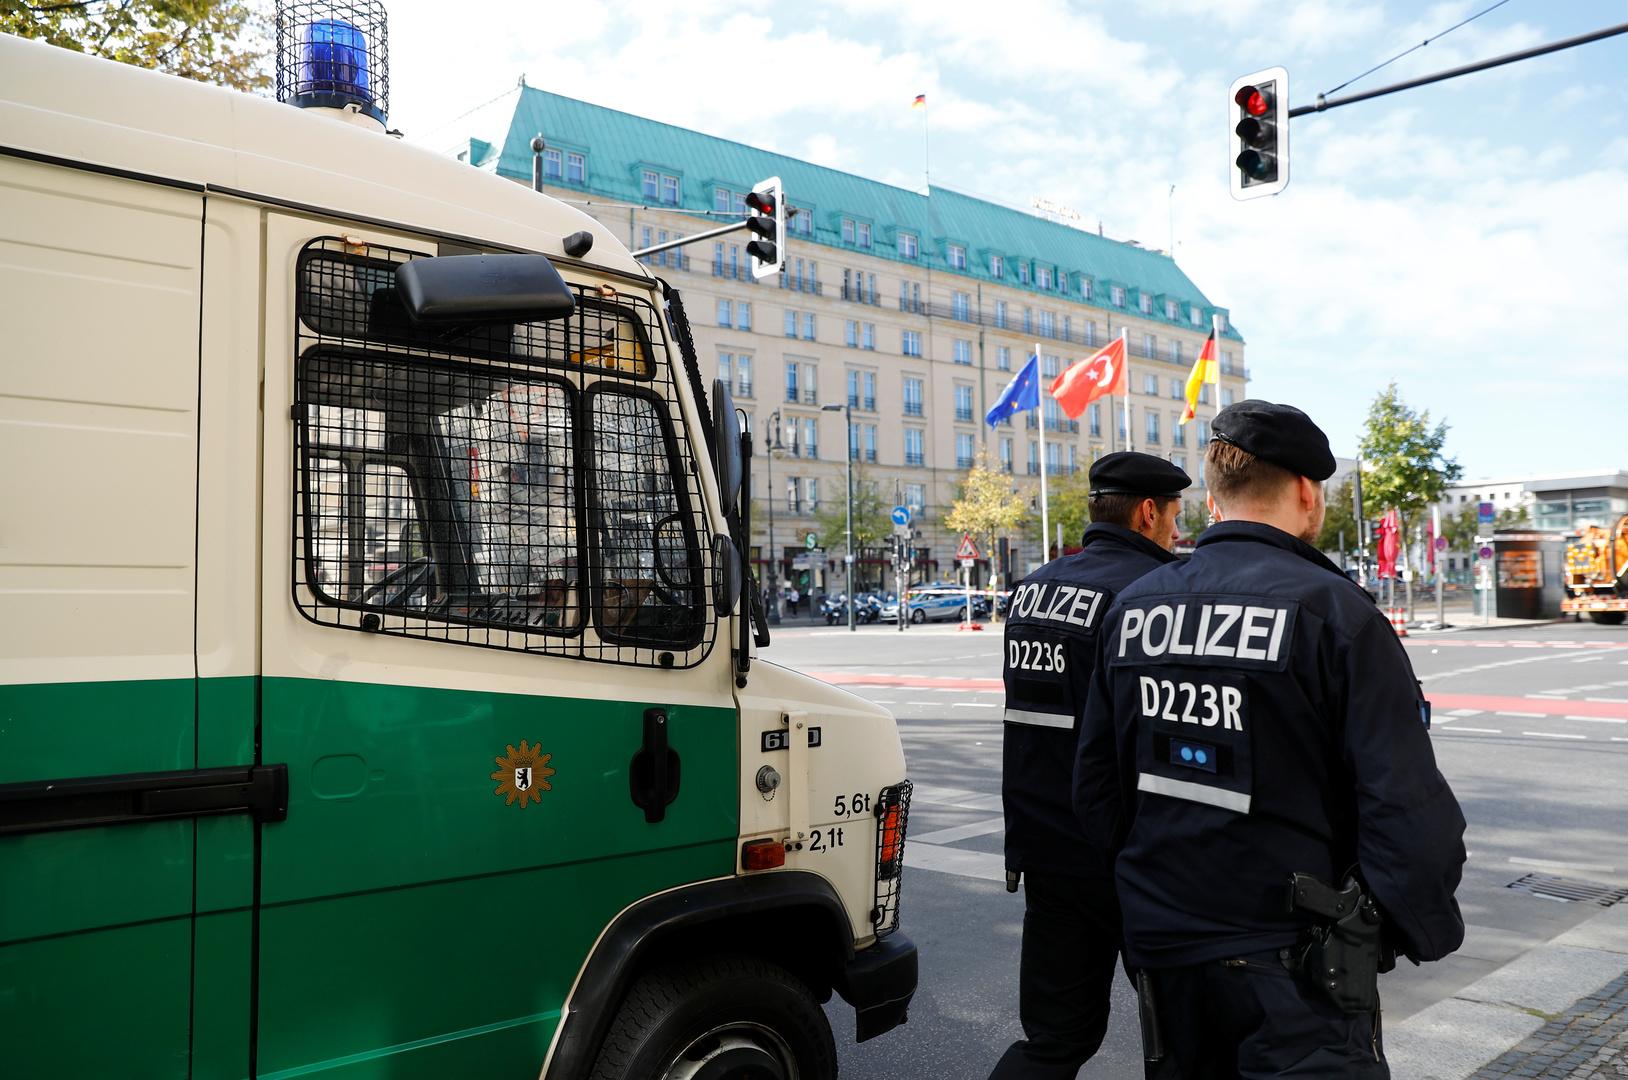 الشرطة الألمانية تعتقل شخصا بتهمة ارتكاب جريمة حرب ضد مدنيين في مخيم اليرموك بسوريا